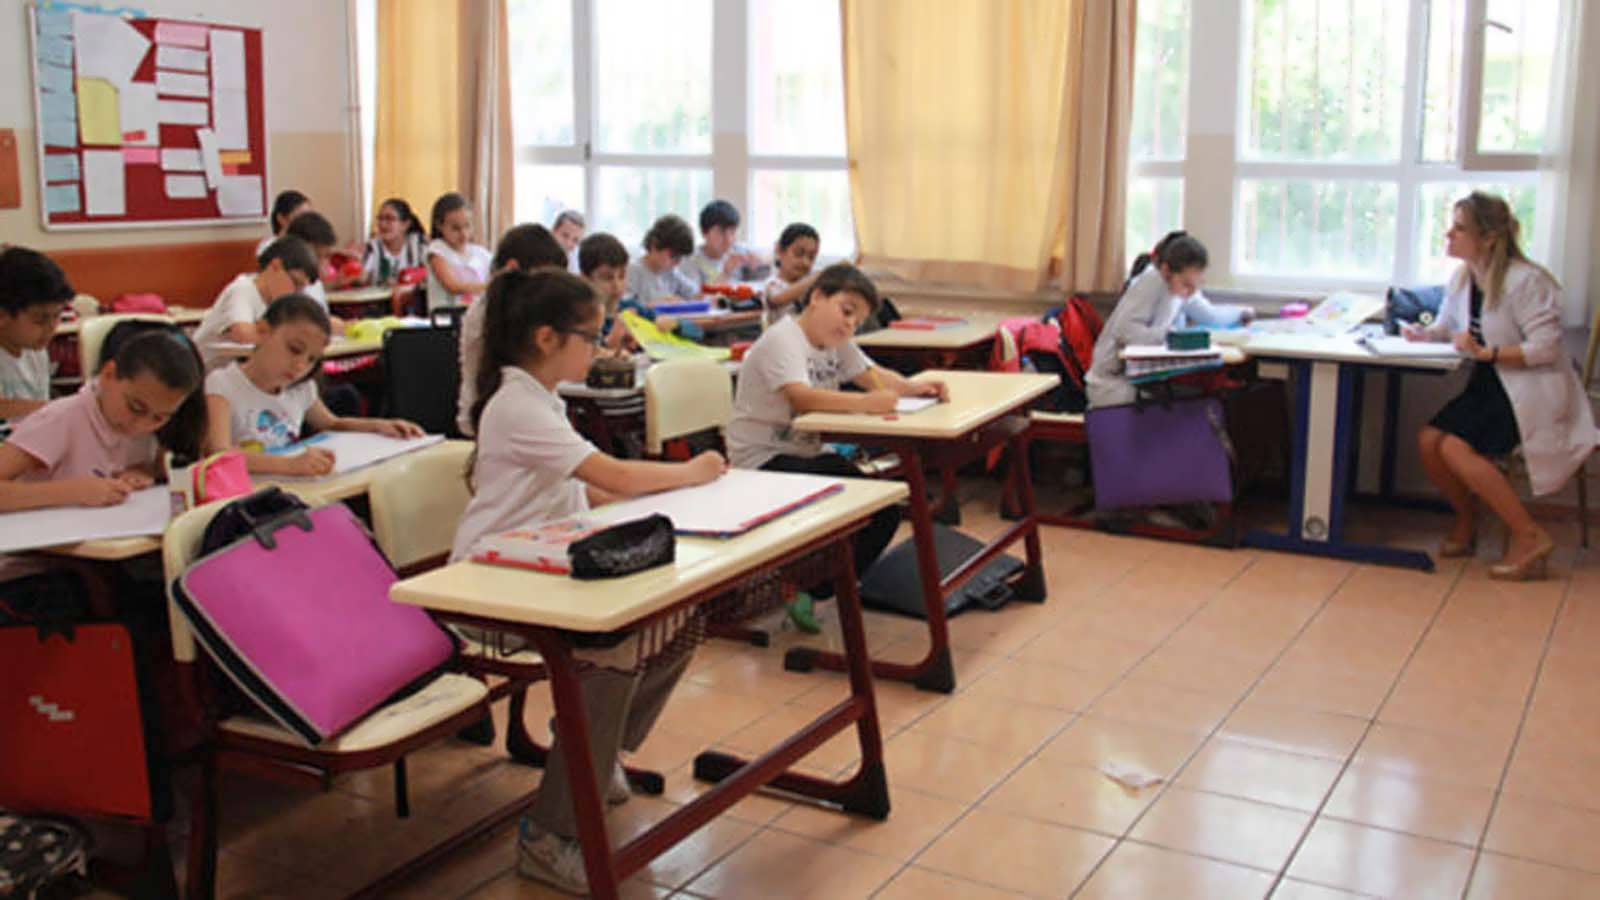 Hangi Okullarda Özel Eğitim Sınıfı Açılabilir?